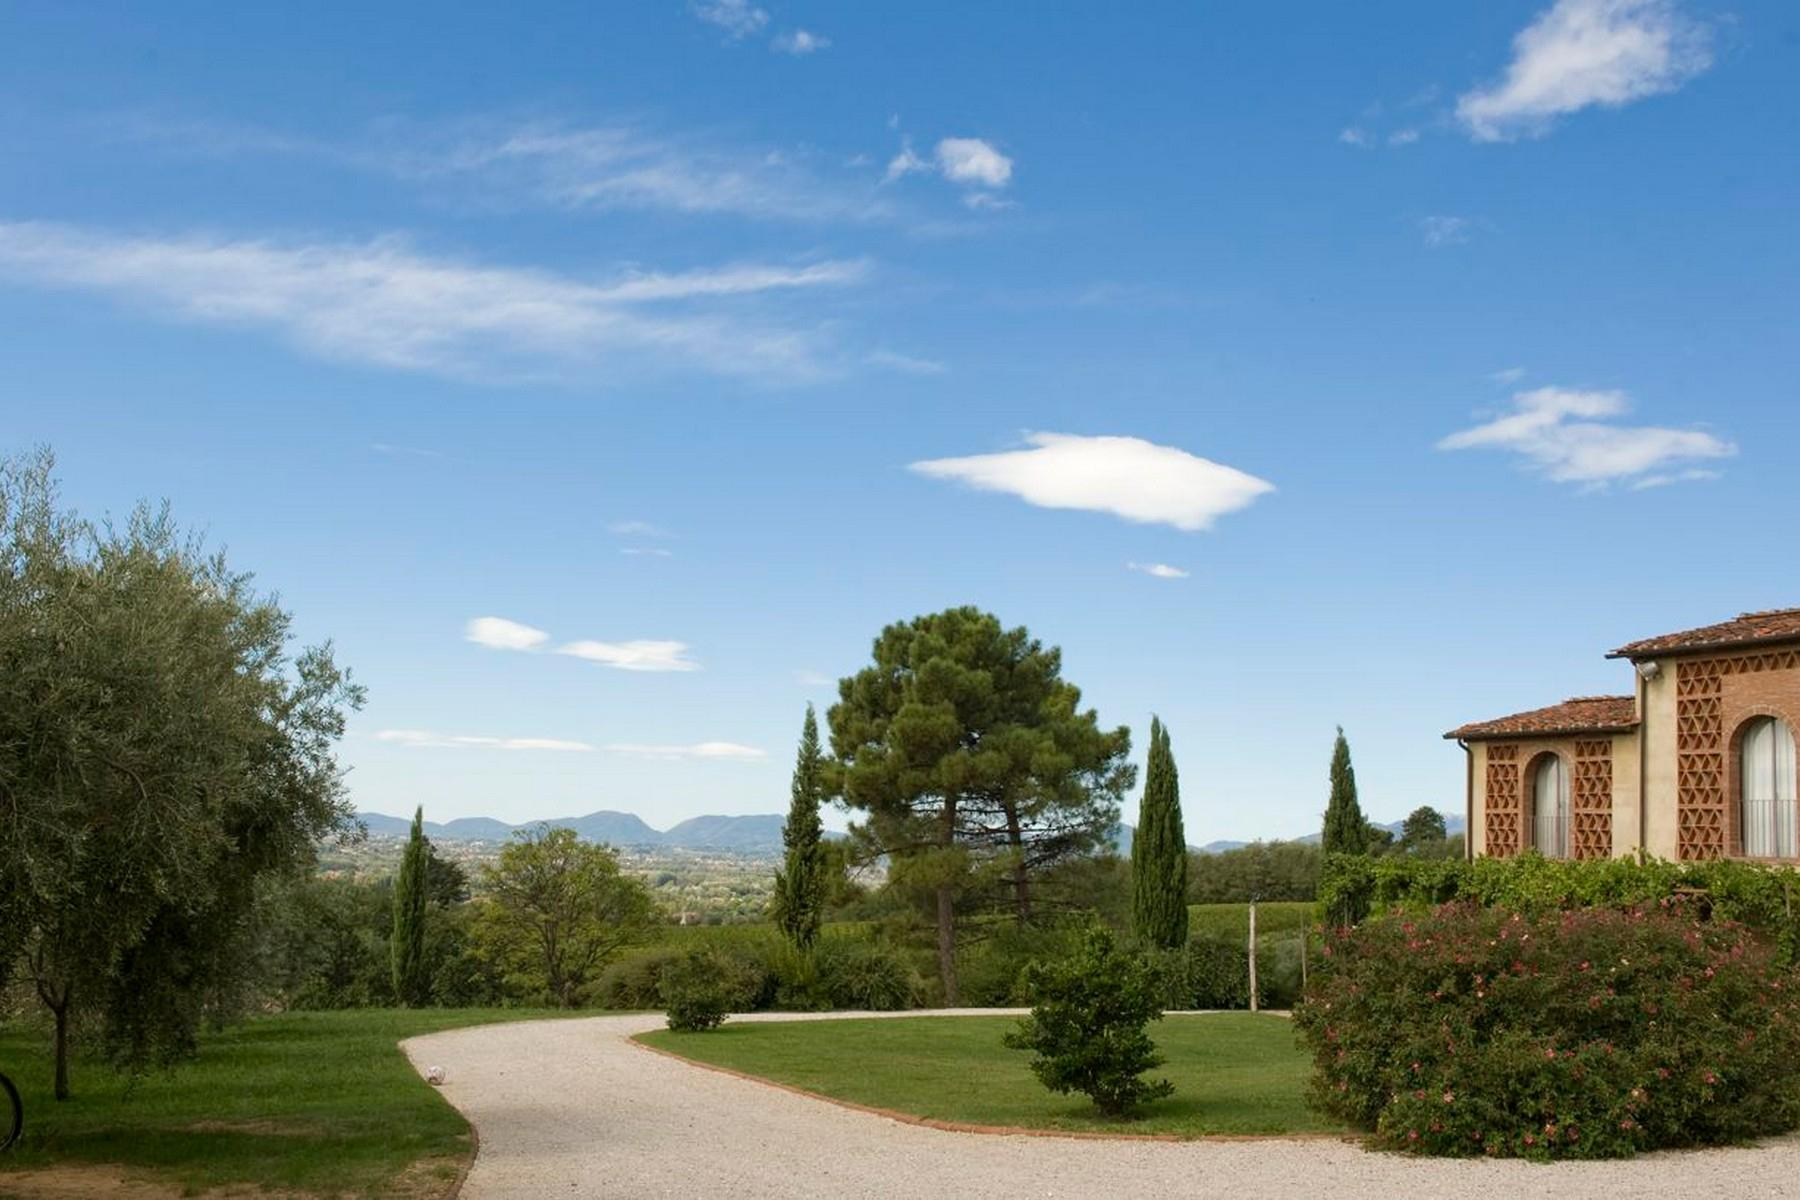 Meraviglioso casale con lago privato sulle colline Lucchesi - 1